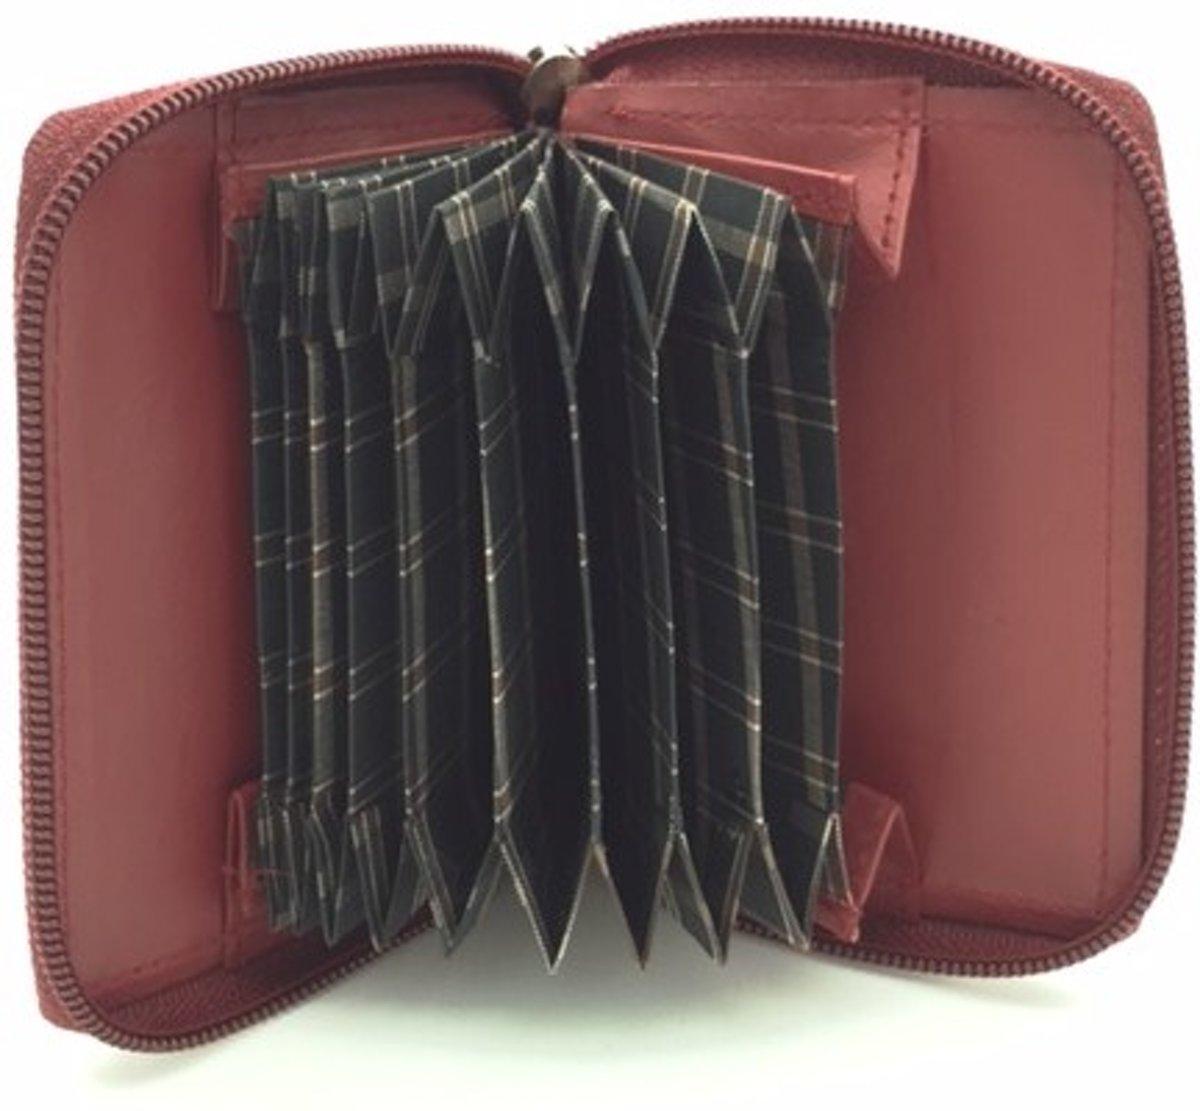 Kleingeld portemonnee kaarthouder leder rood 29827